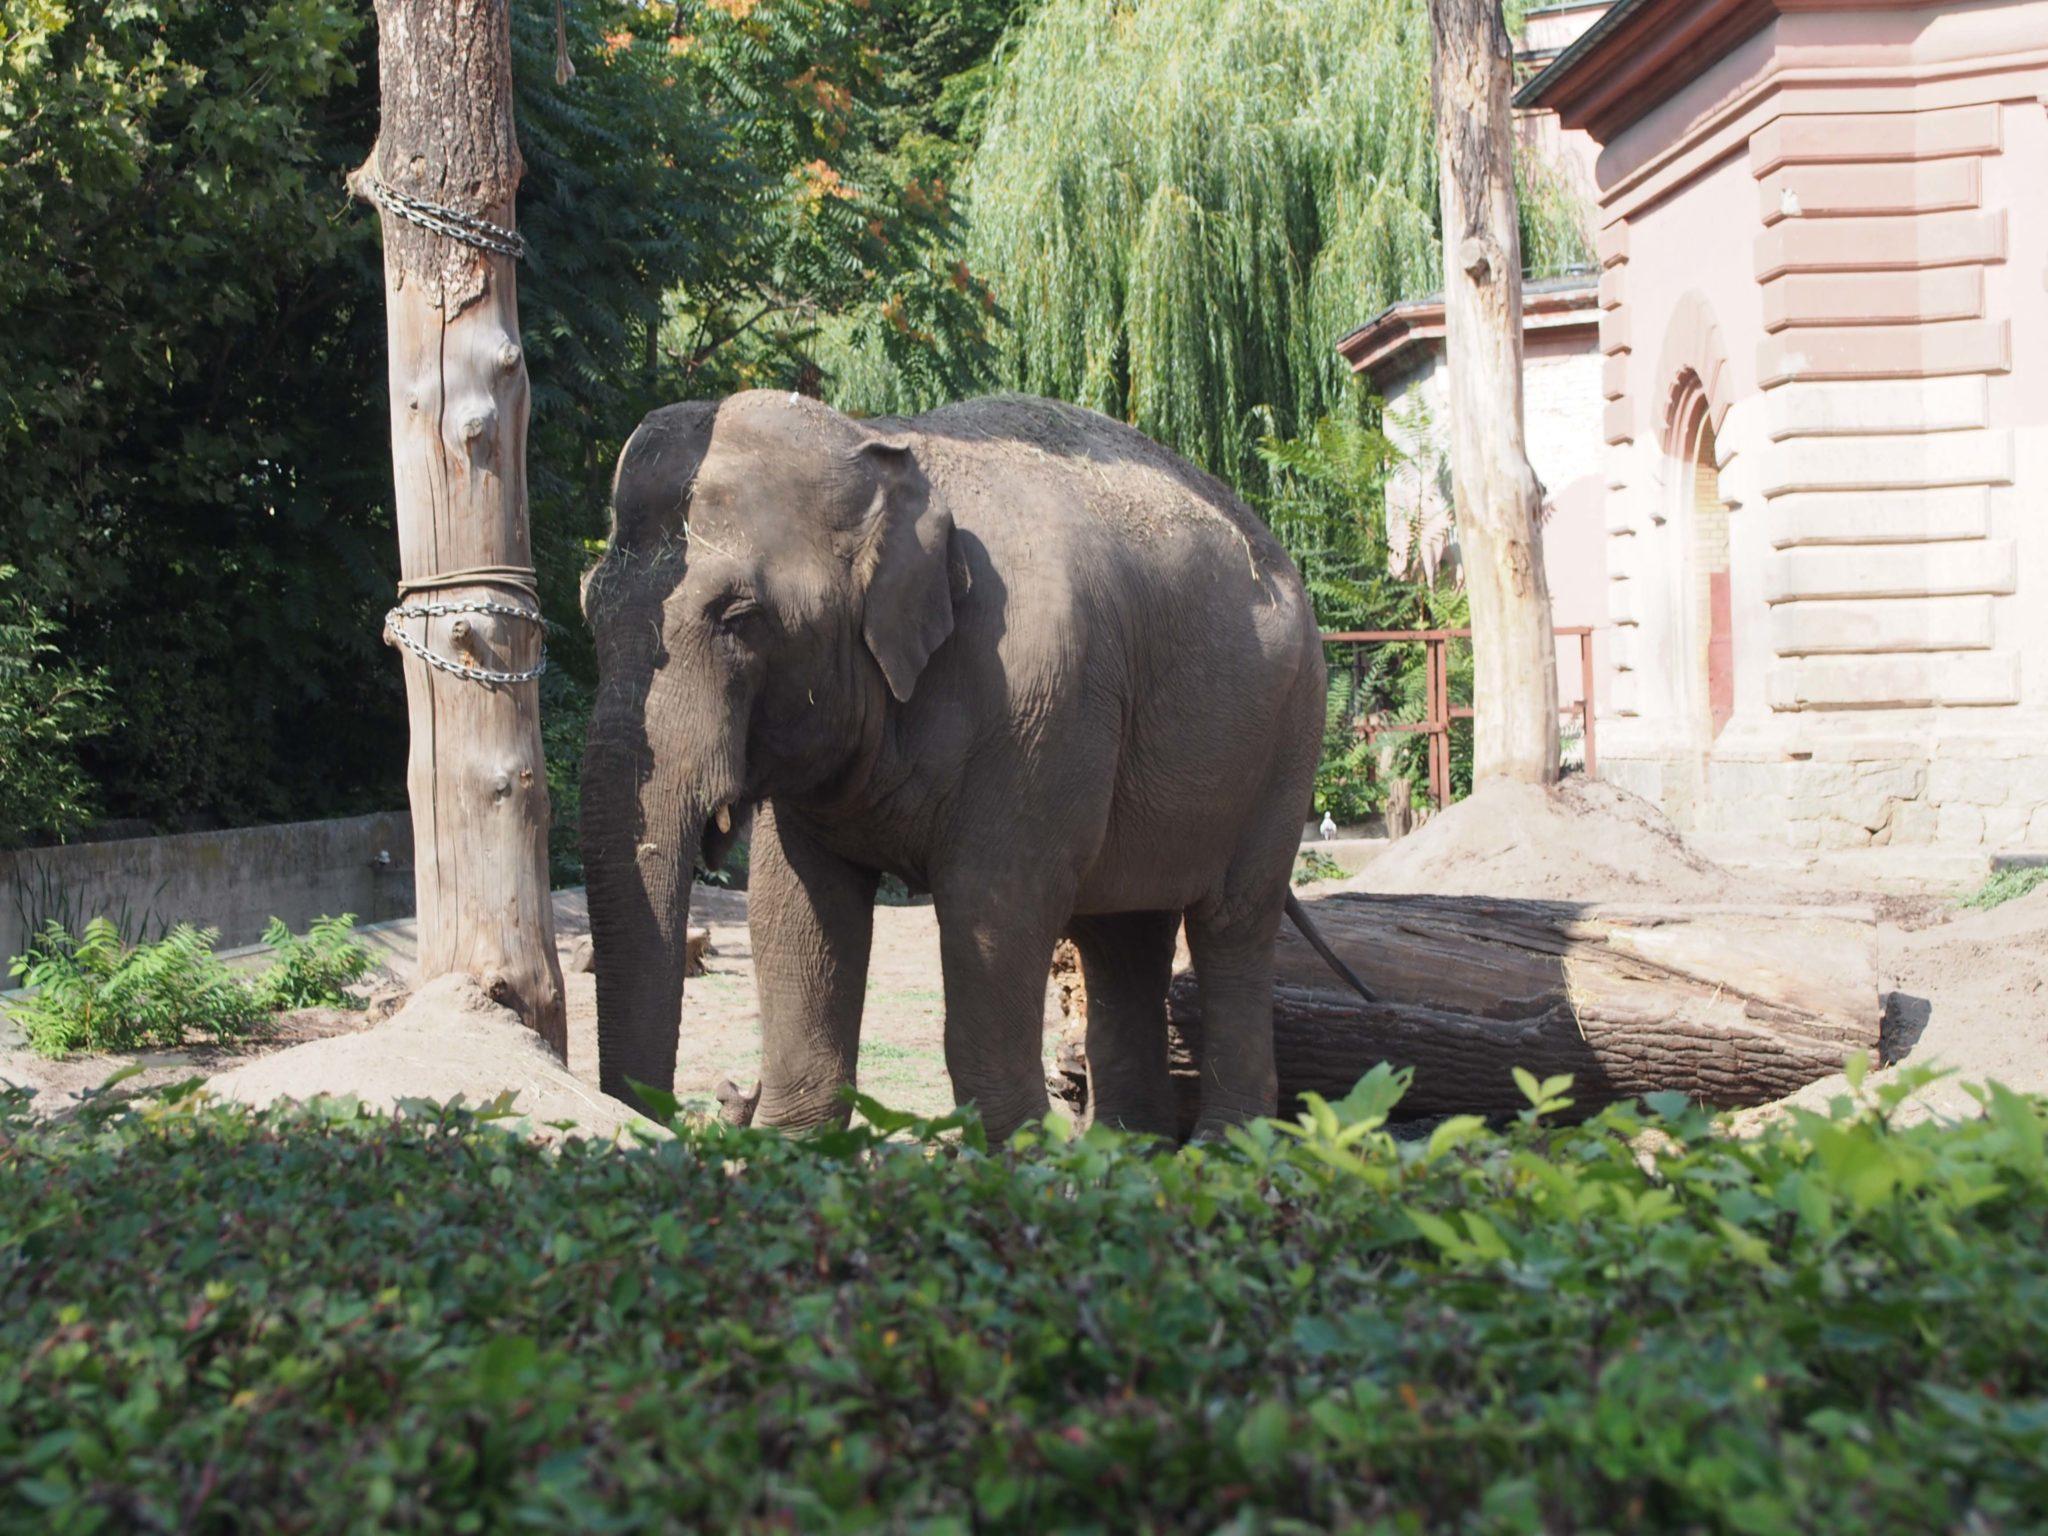 Naporcujte slona